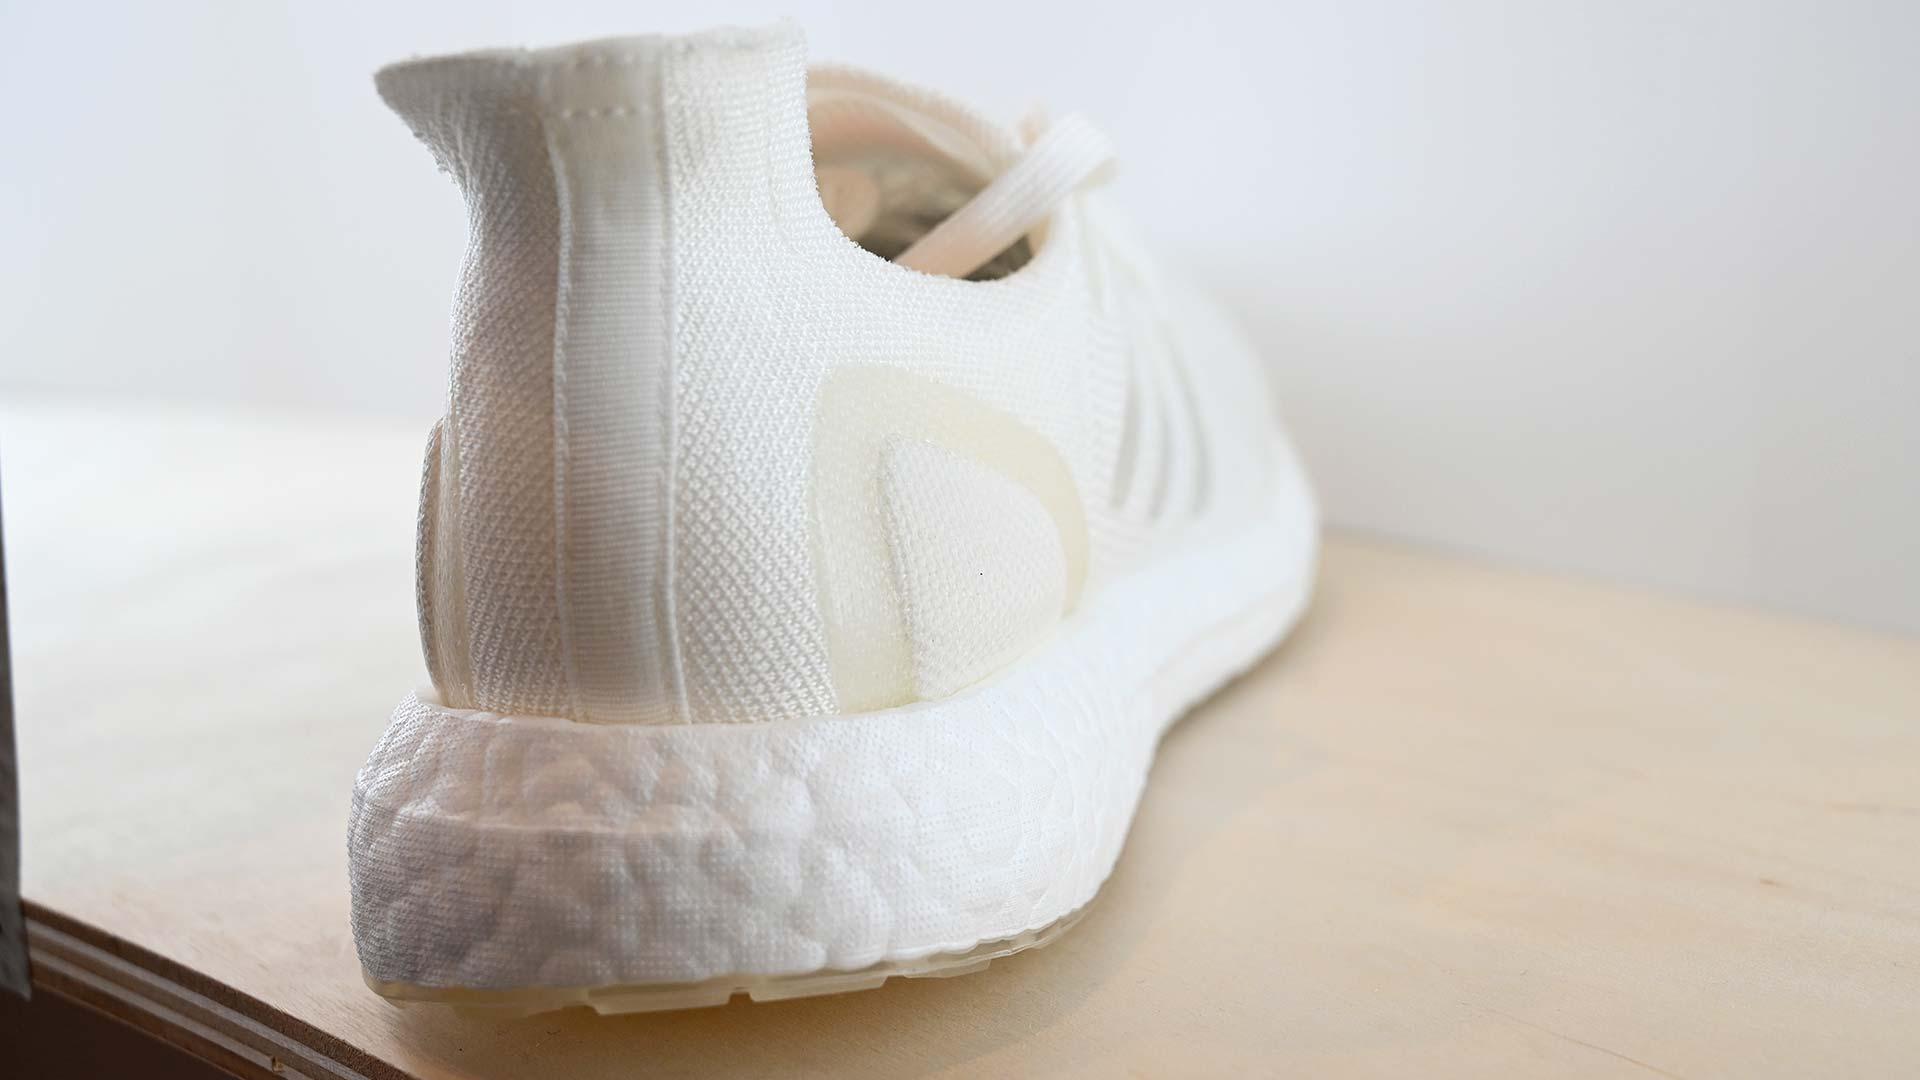 27a6e04d11 Adidas cria tênis recicláveis que darão desconto na compra de um ...